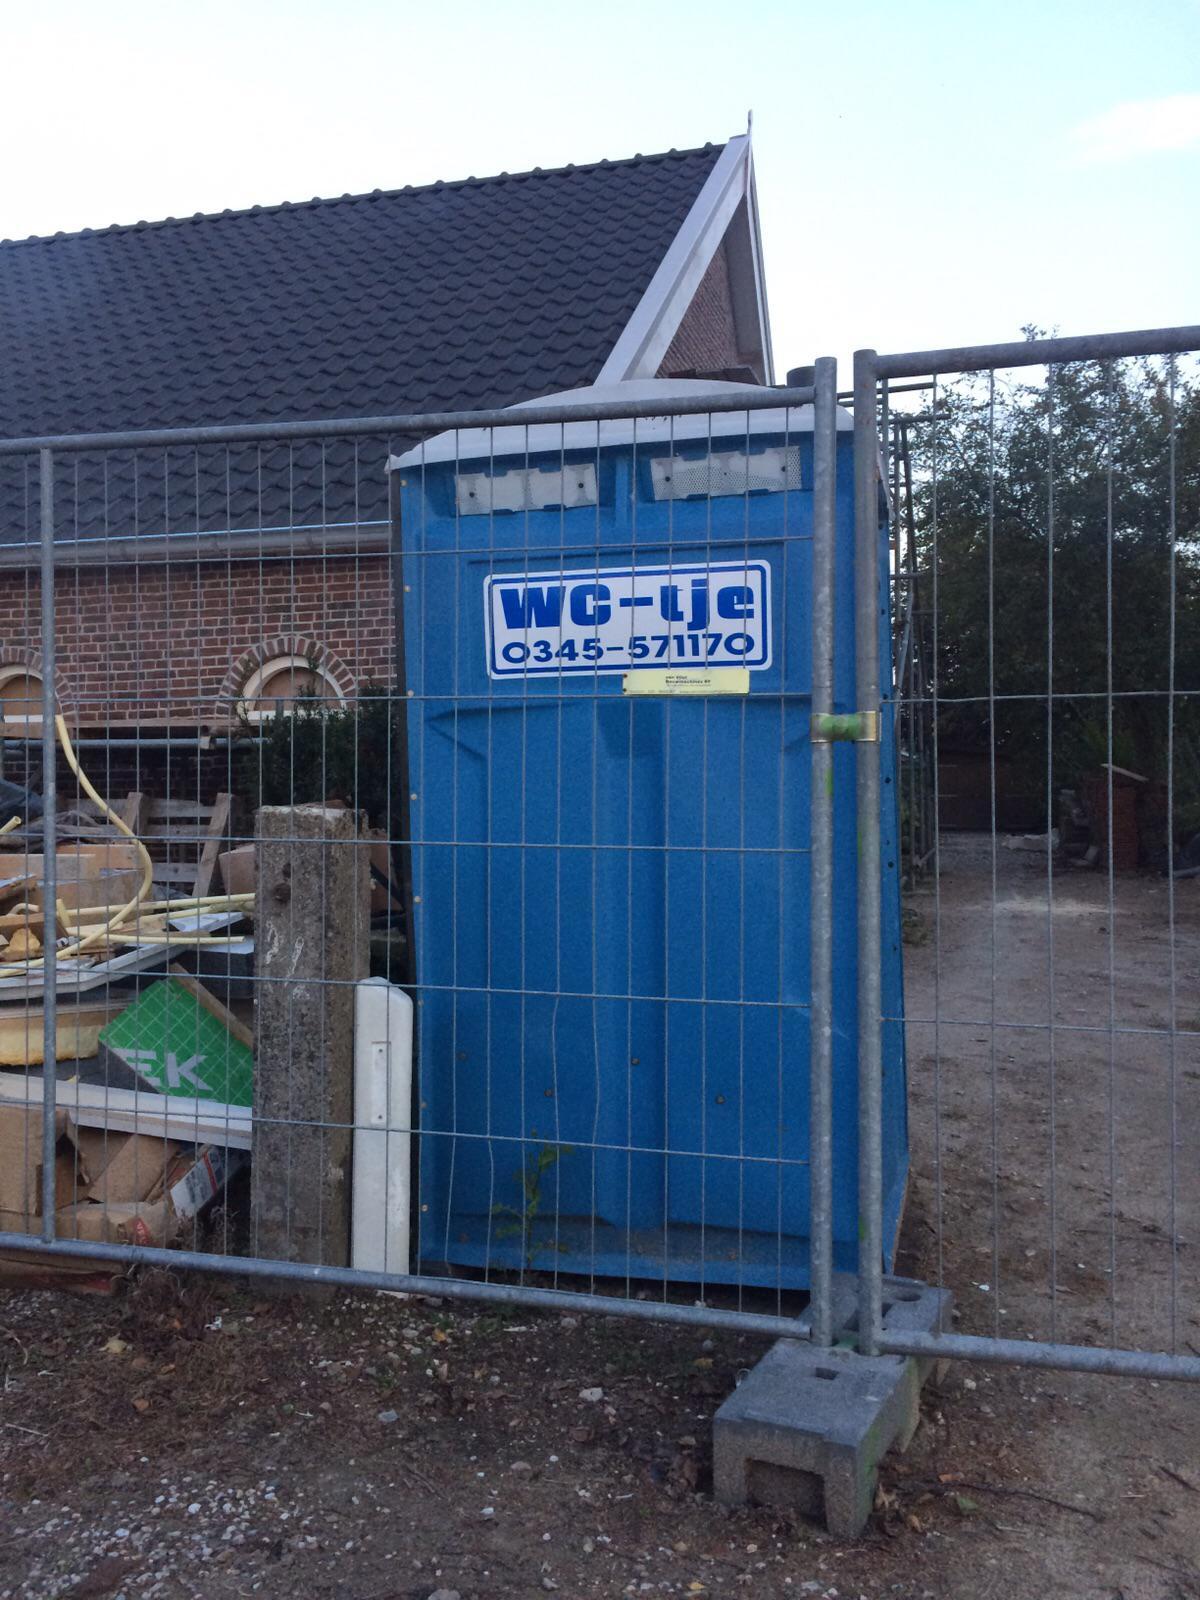 WC-tje Verhuur